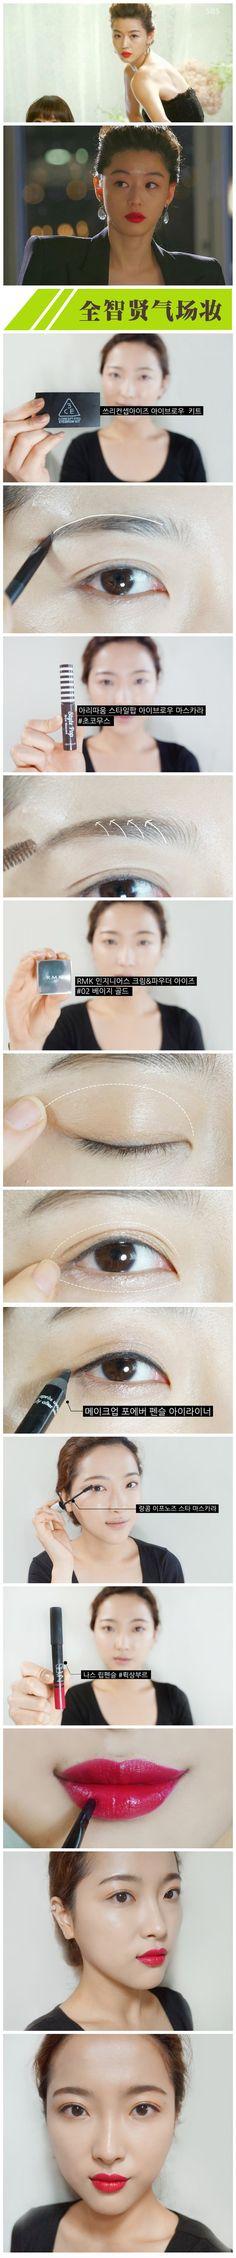 #korea #makeup #series